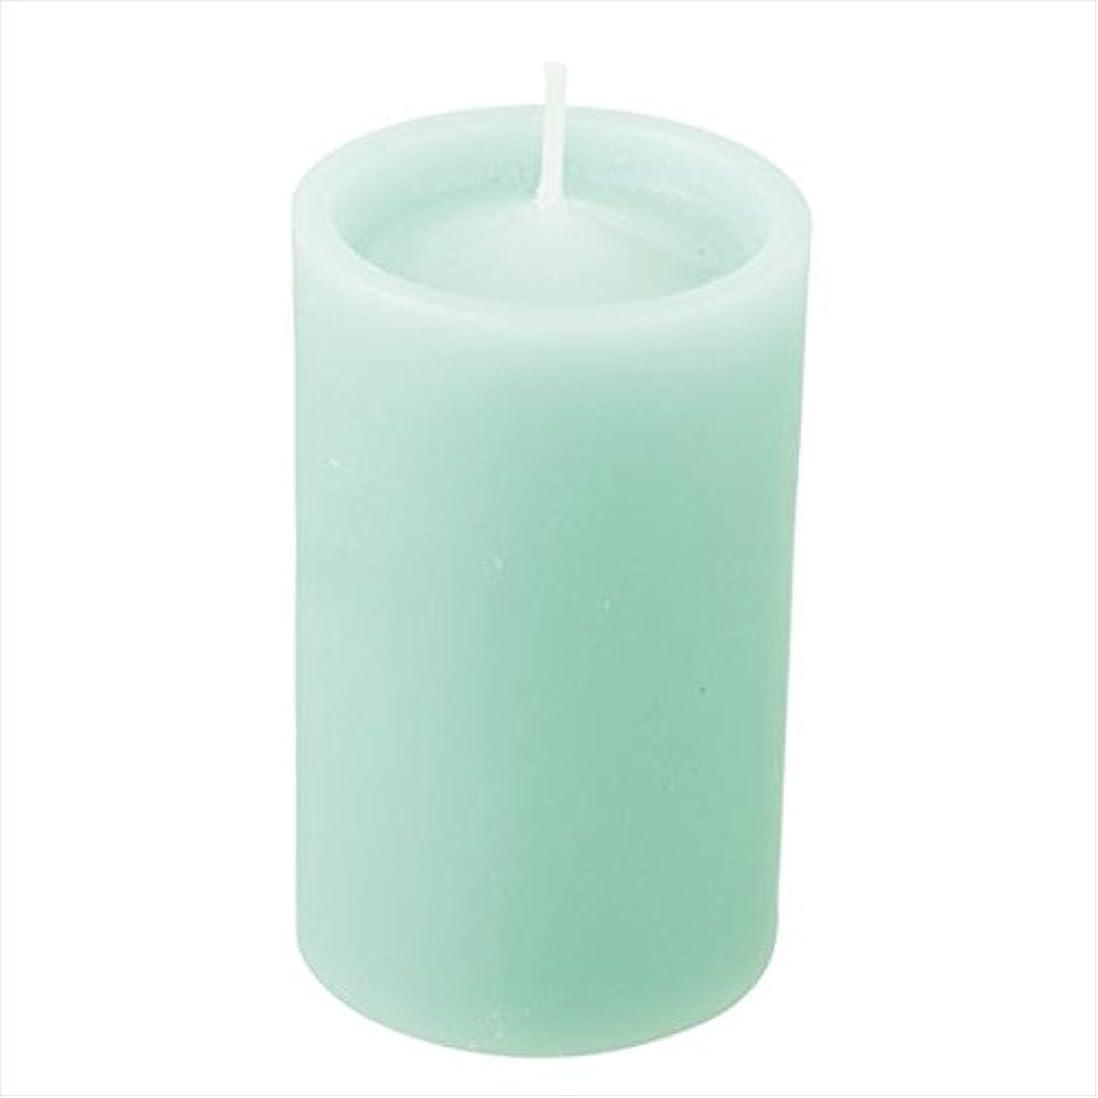 上院カスタム送るカメヤマキャンドル(kameyama candle) ロイヤルラウンド60 「 ライトグリーン 」